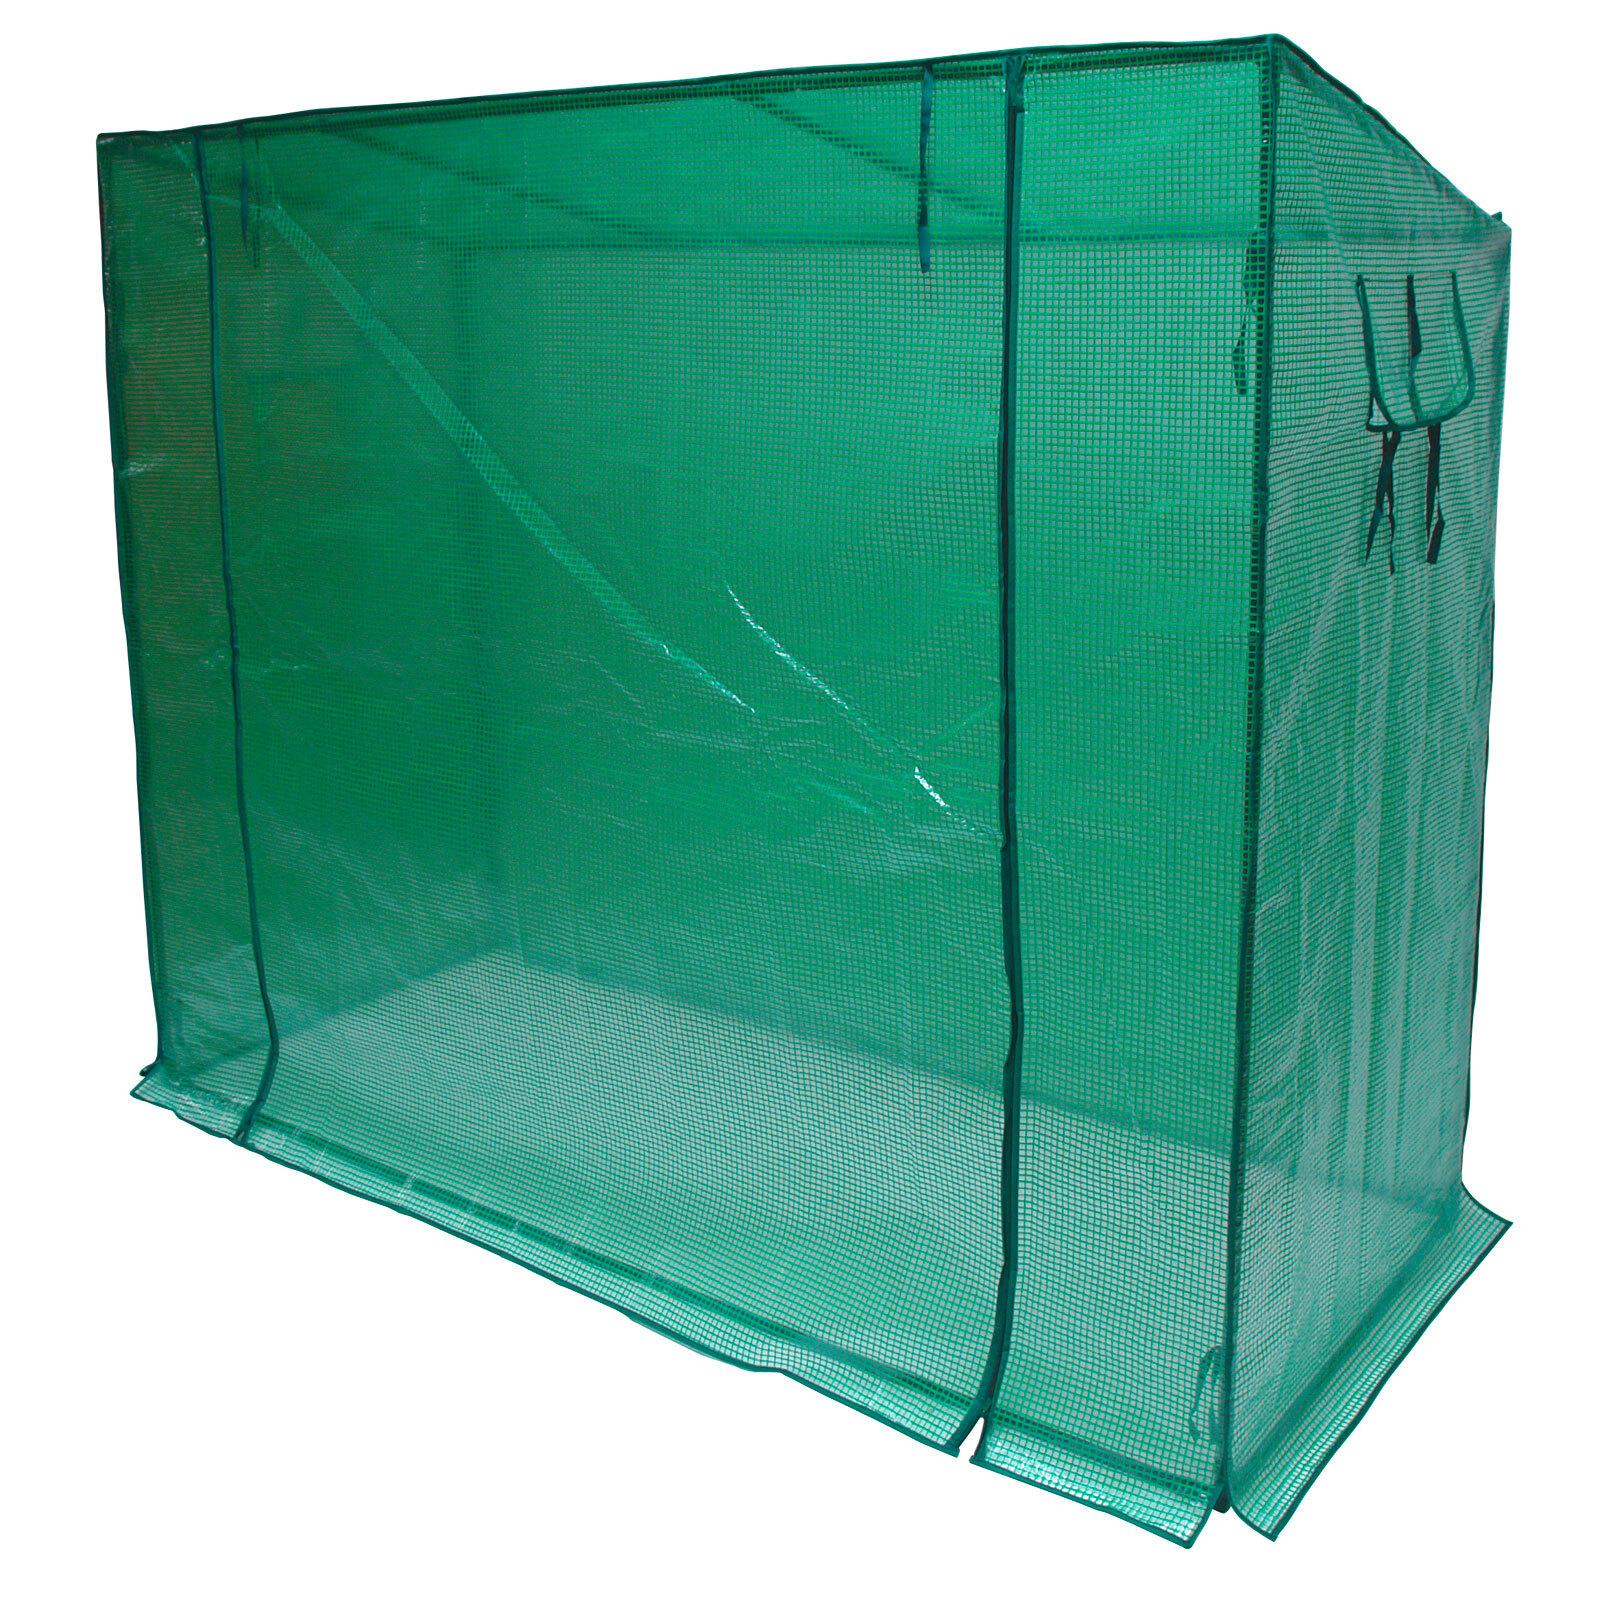 folie gewebeplane f r tomatengew chshaus gew chshaus treibhaus art 40985 ebay. Black Bedroom Furniture Sets. Home Design Ideas